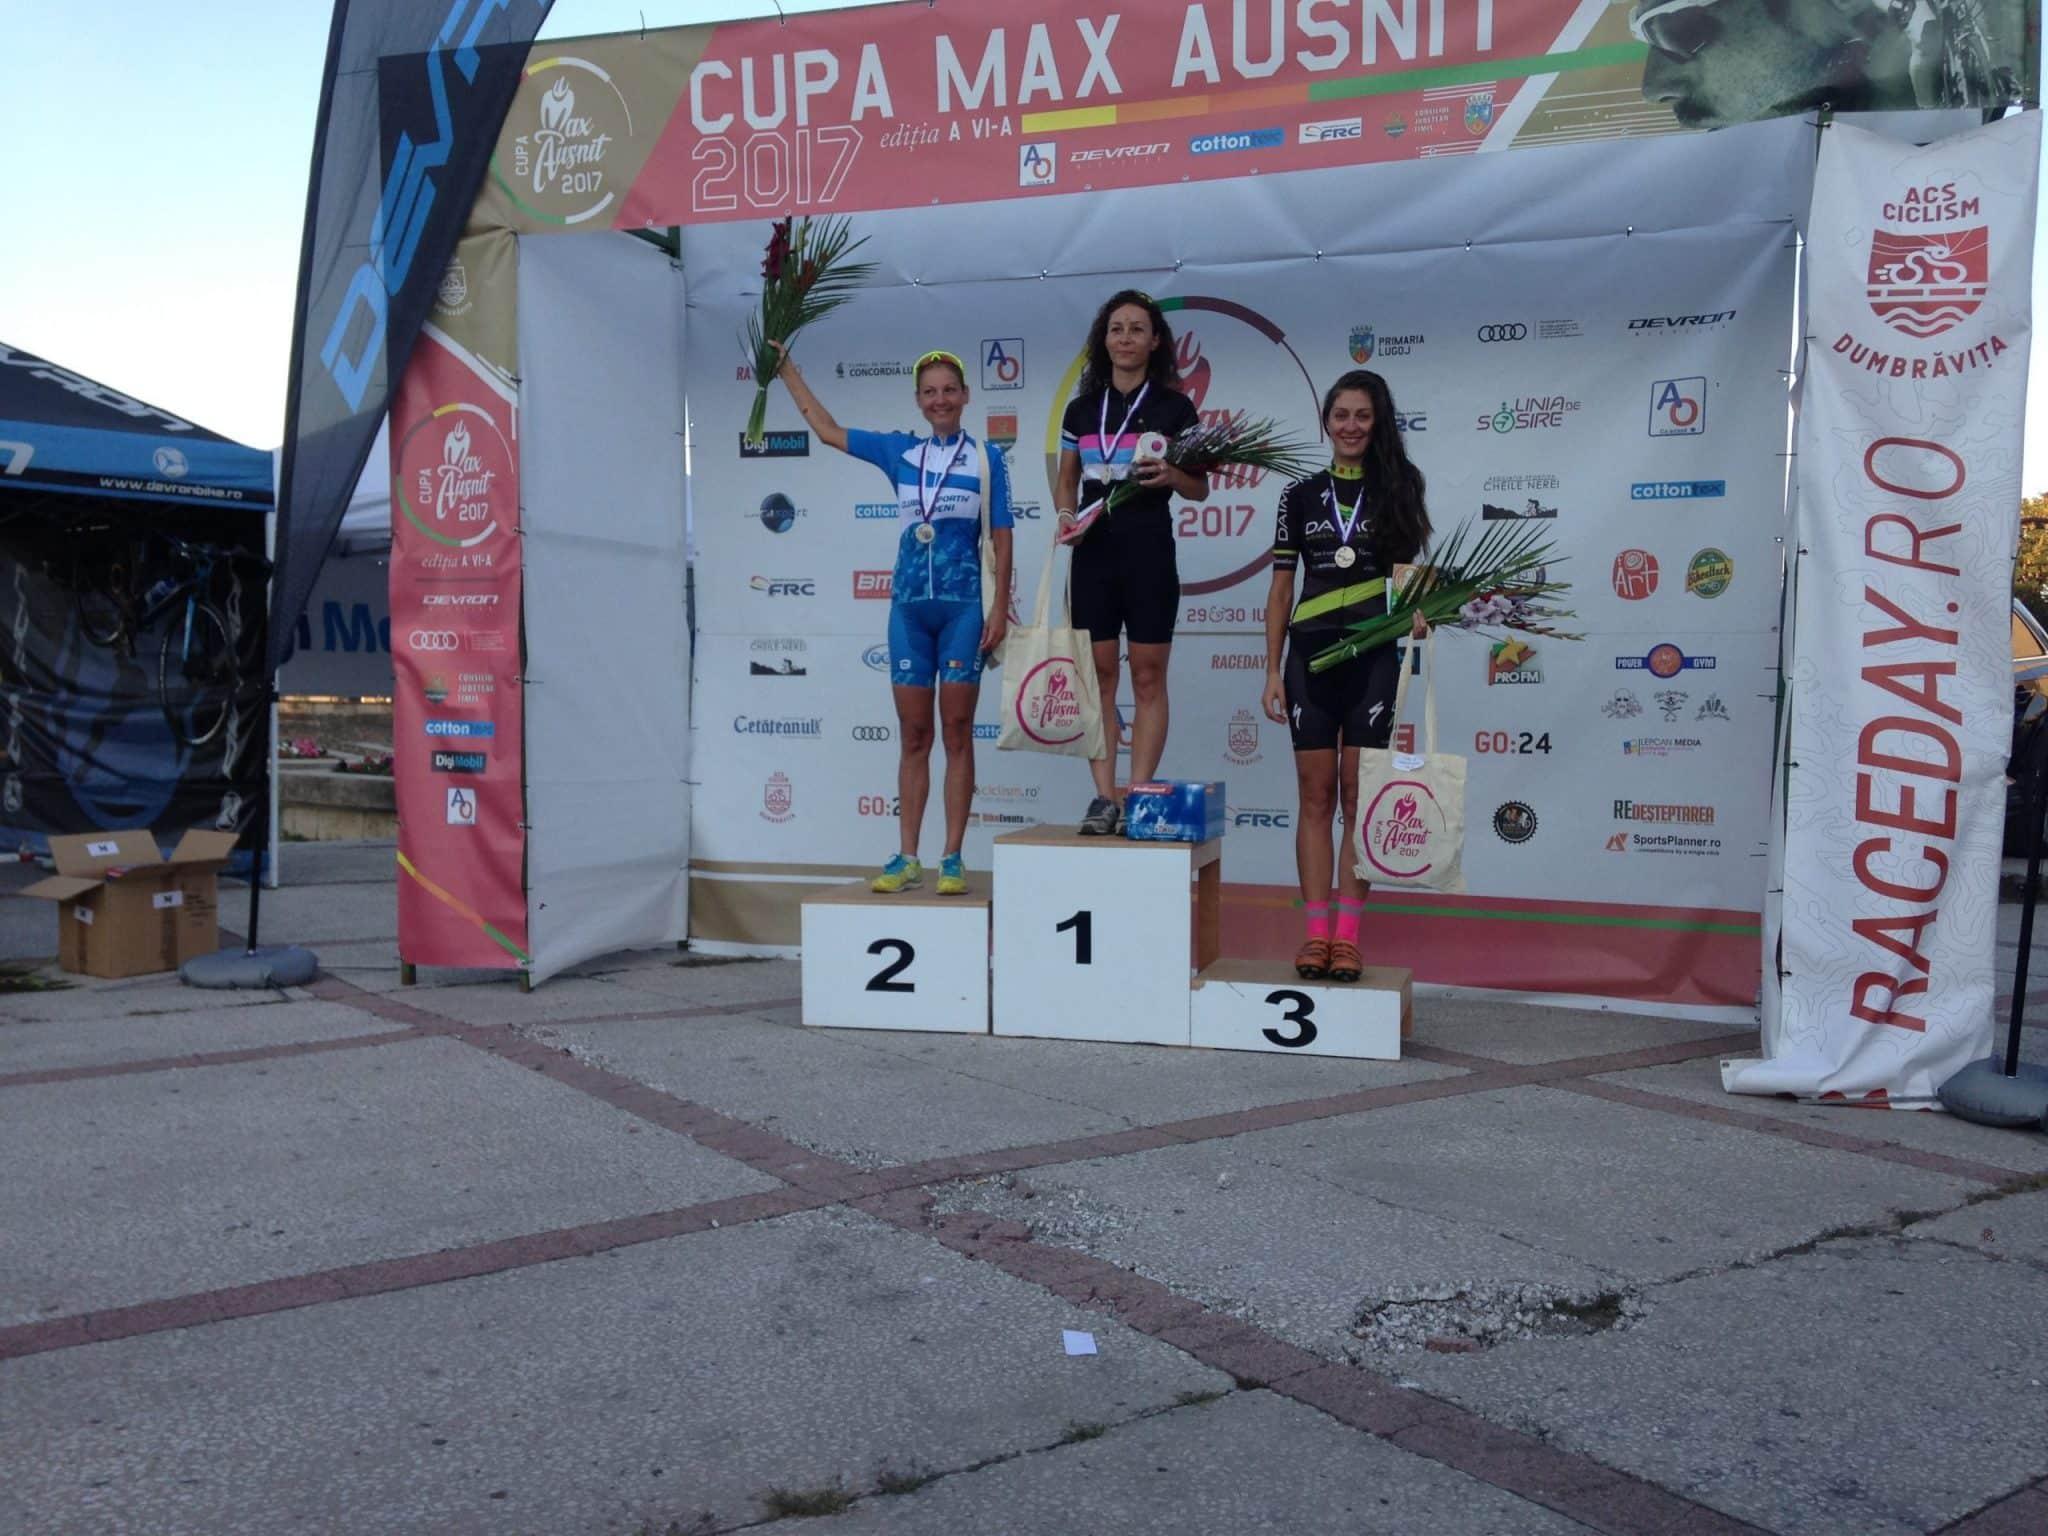 Cupa Max Ausnit 2017